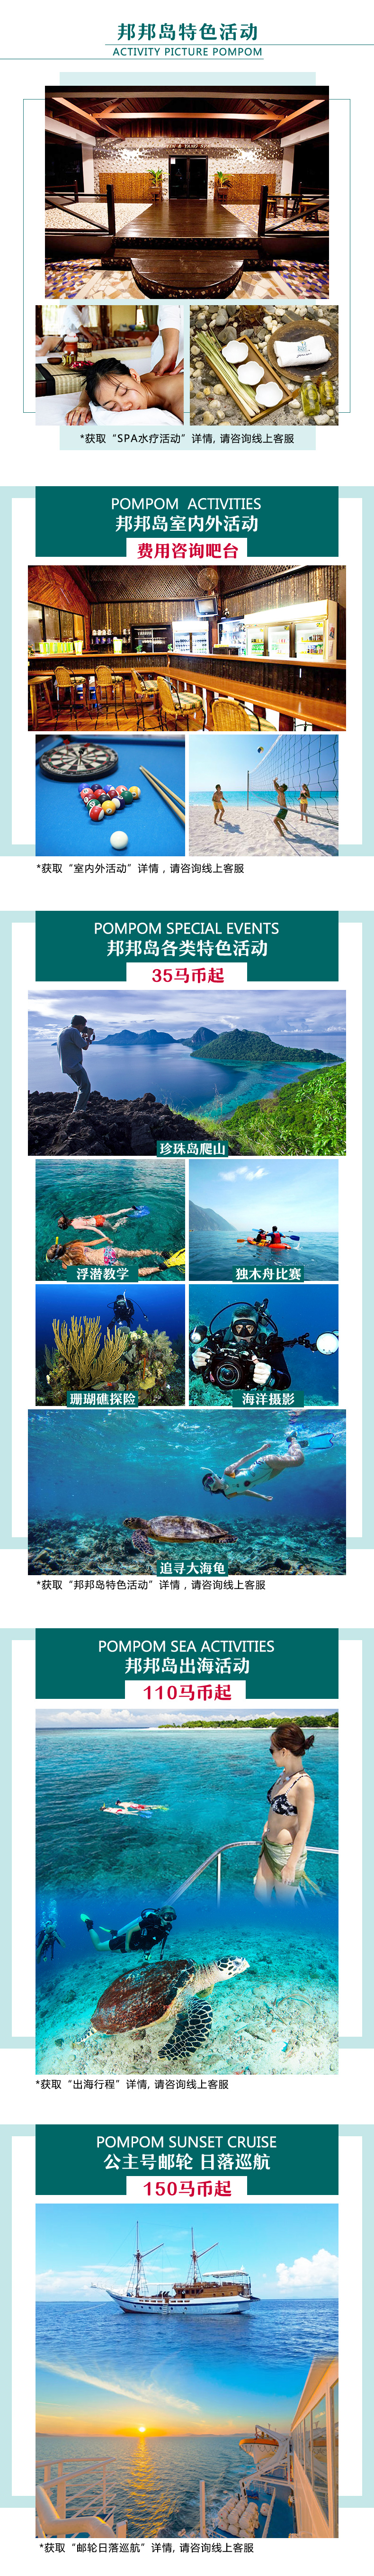 邦邦岛龙珠度假村 Pom Pom Resort 邦邦岛水屋沙滩屋 仙本那 潜客